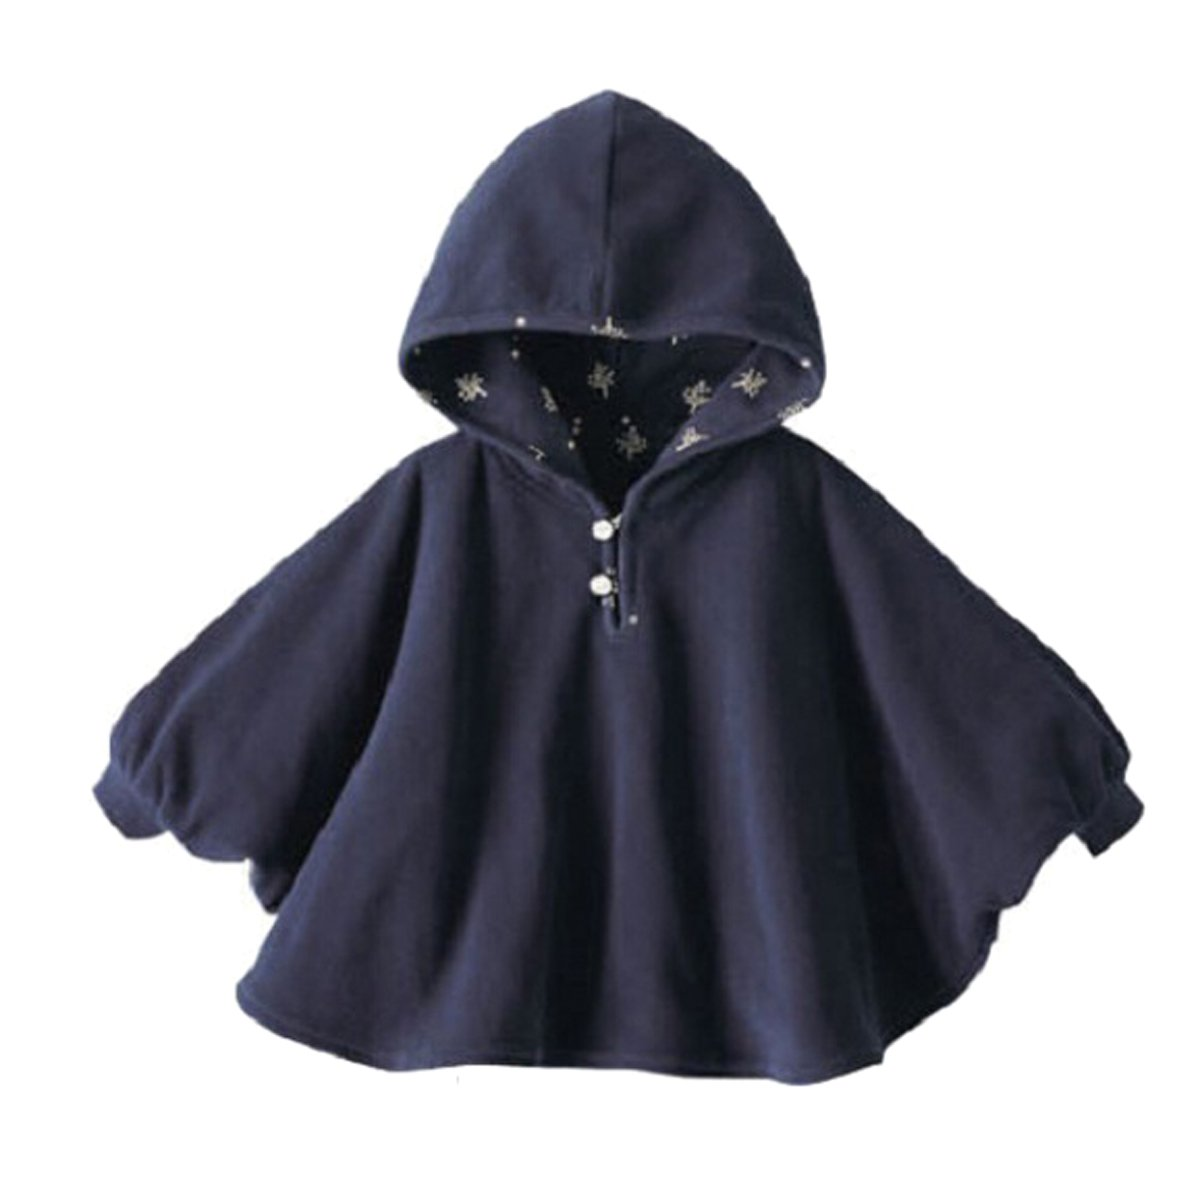 TININNA Lindo Capa Poncho con Capucha, Abrigo con Sombrero Infantil del Cabo del Poncho con Capucha de la Felpa de la Ropa de Bebe-Azul Profundo